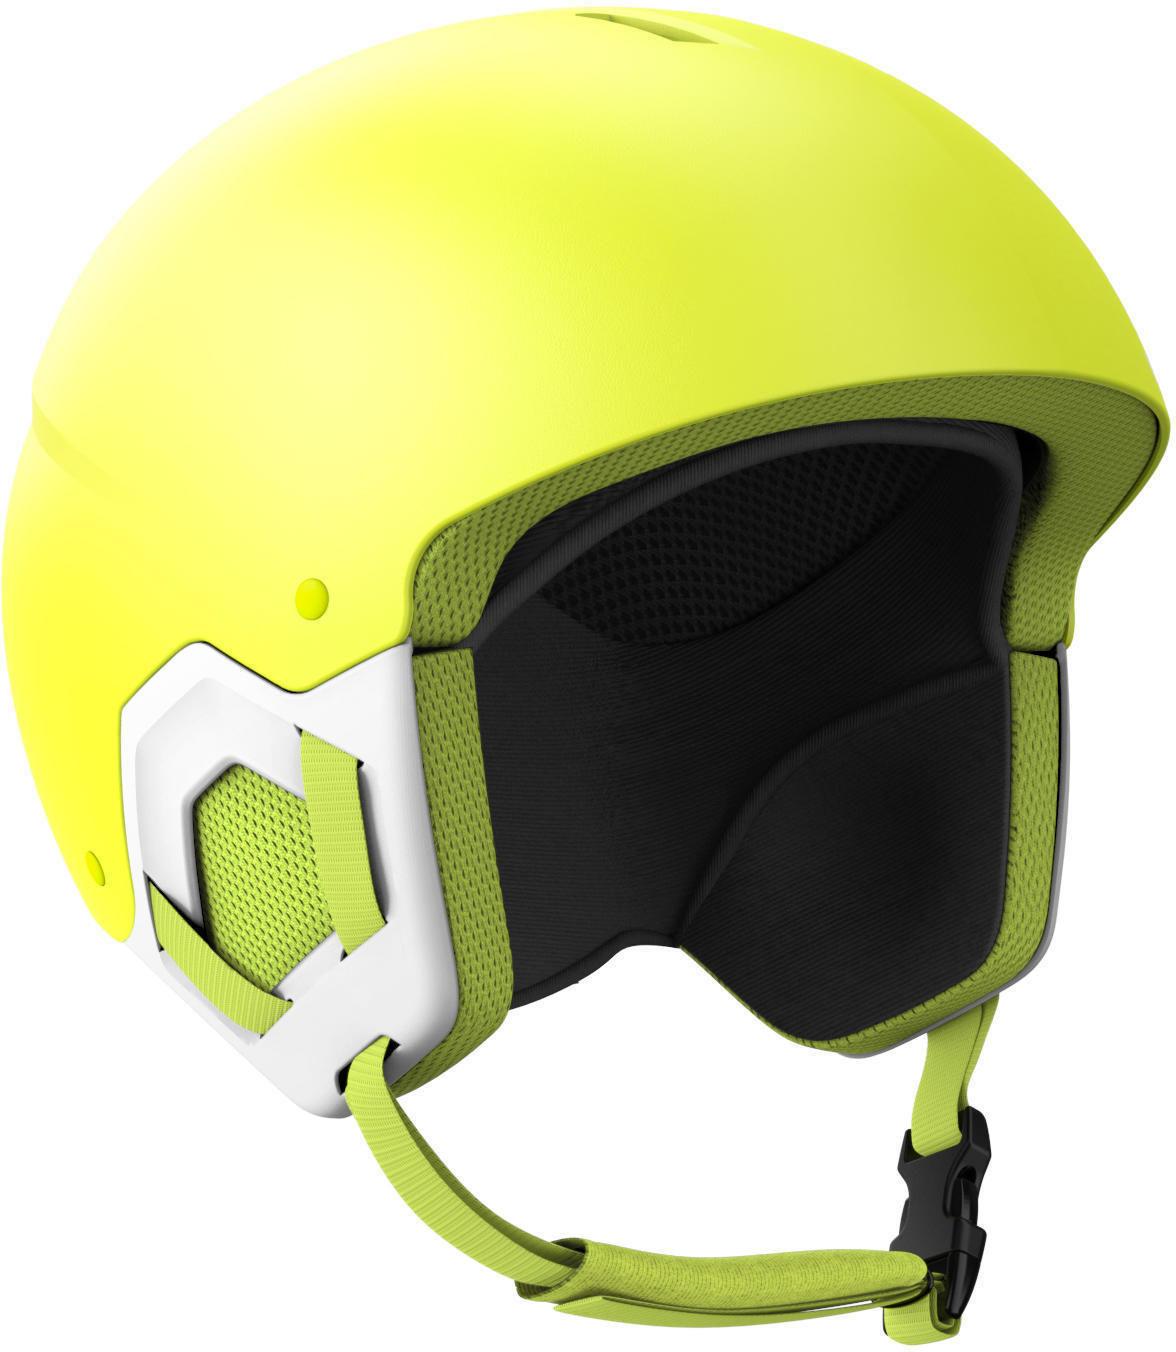 Kask narciarski dla dzieci Wedze H-KID 500